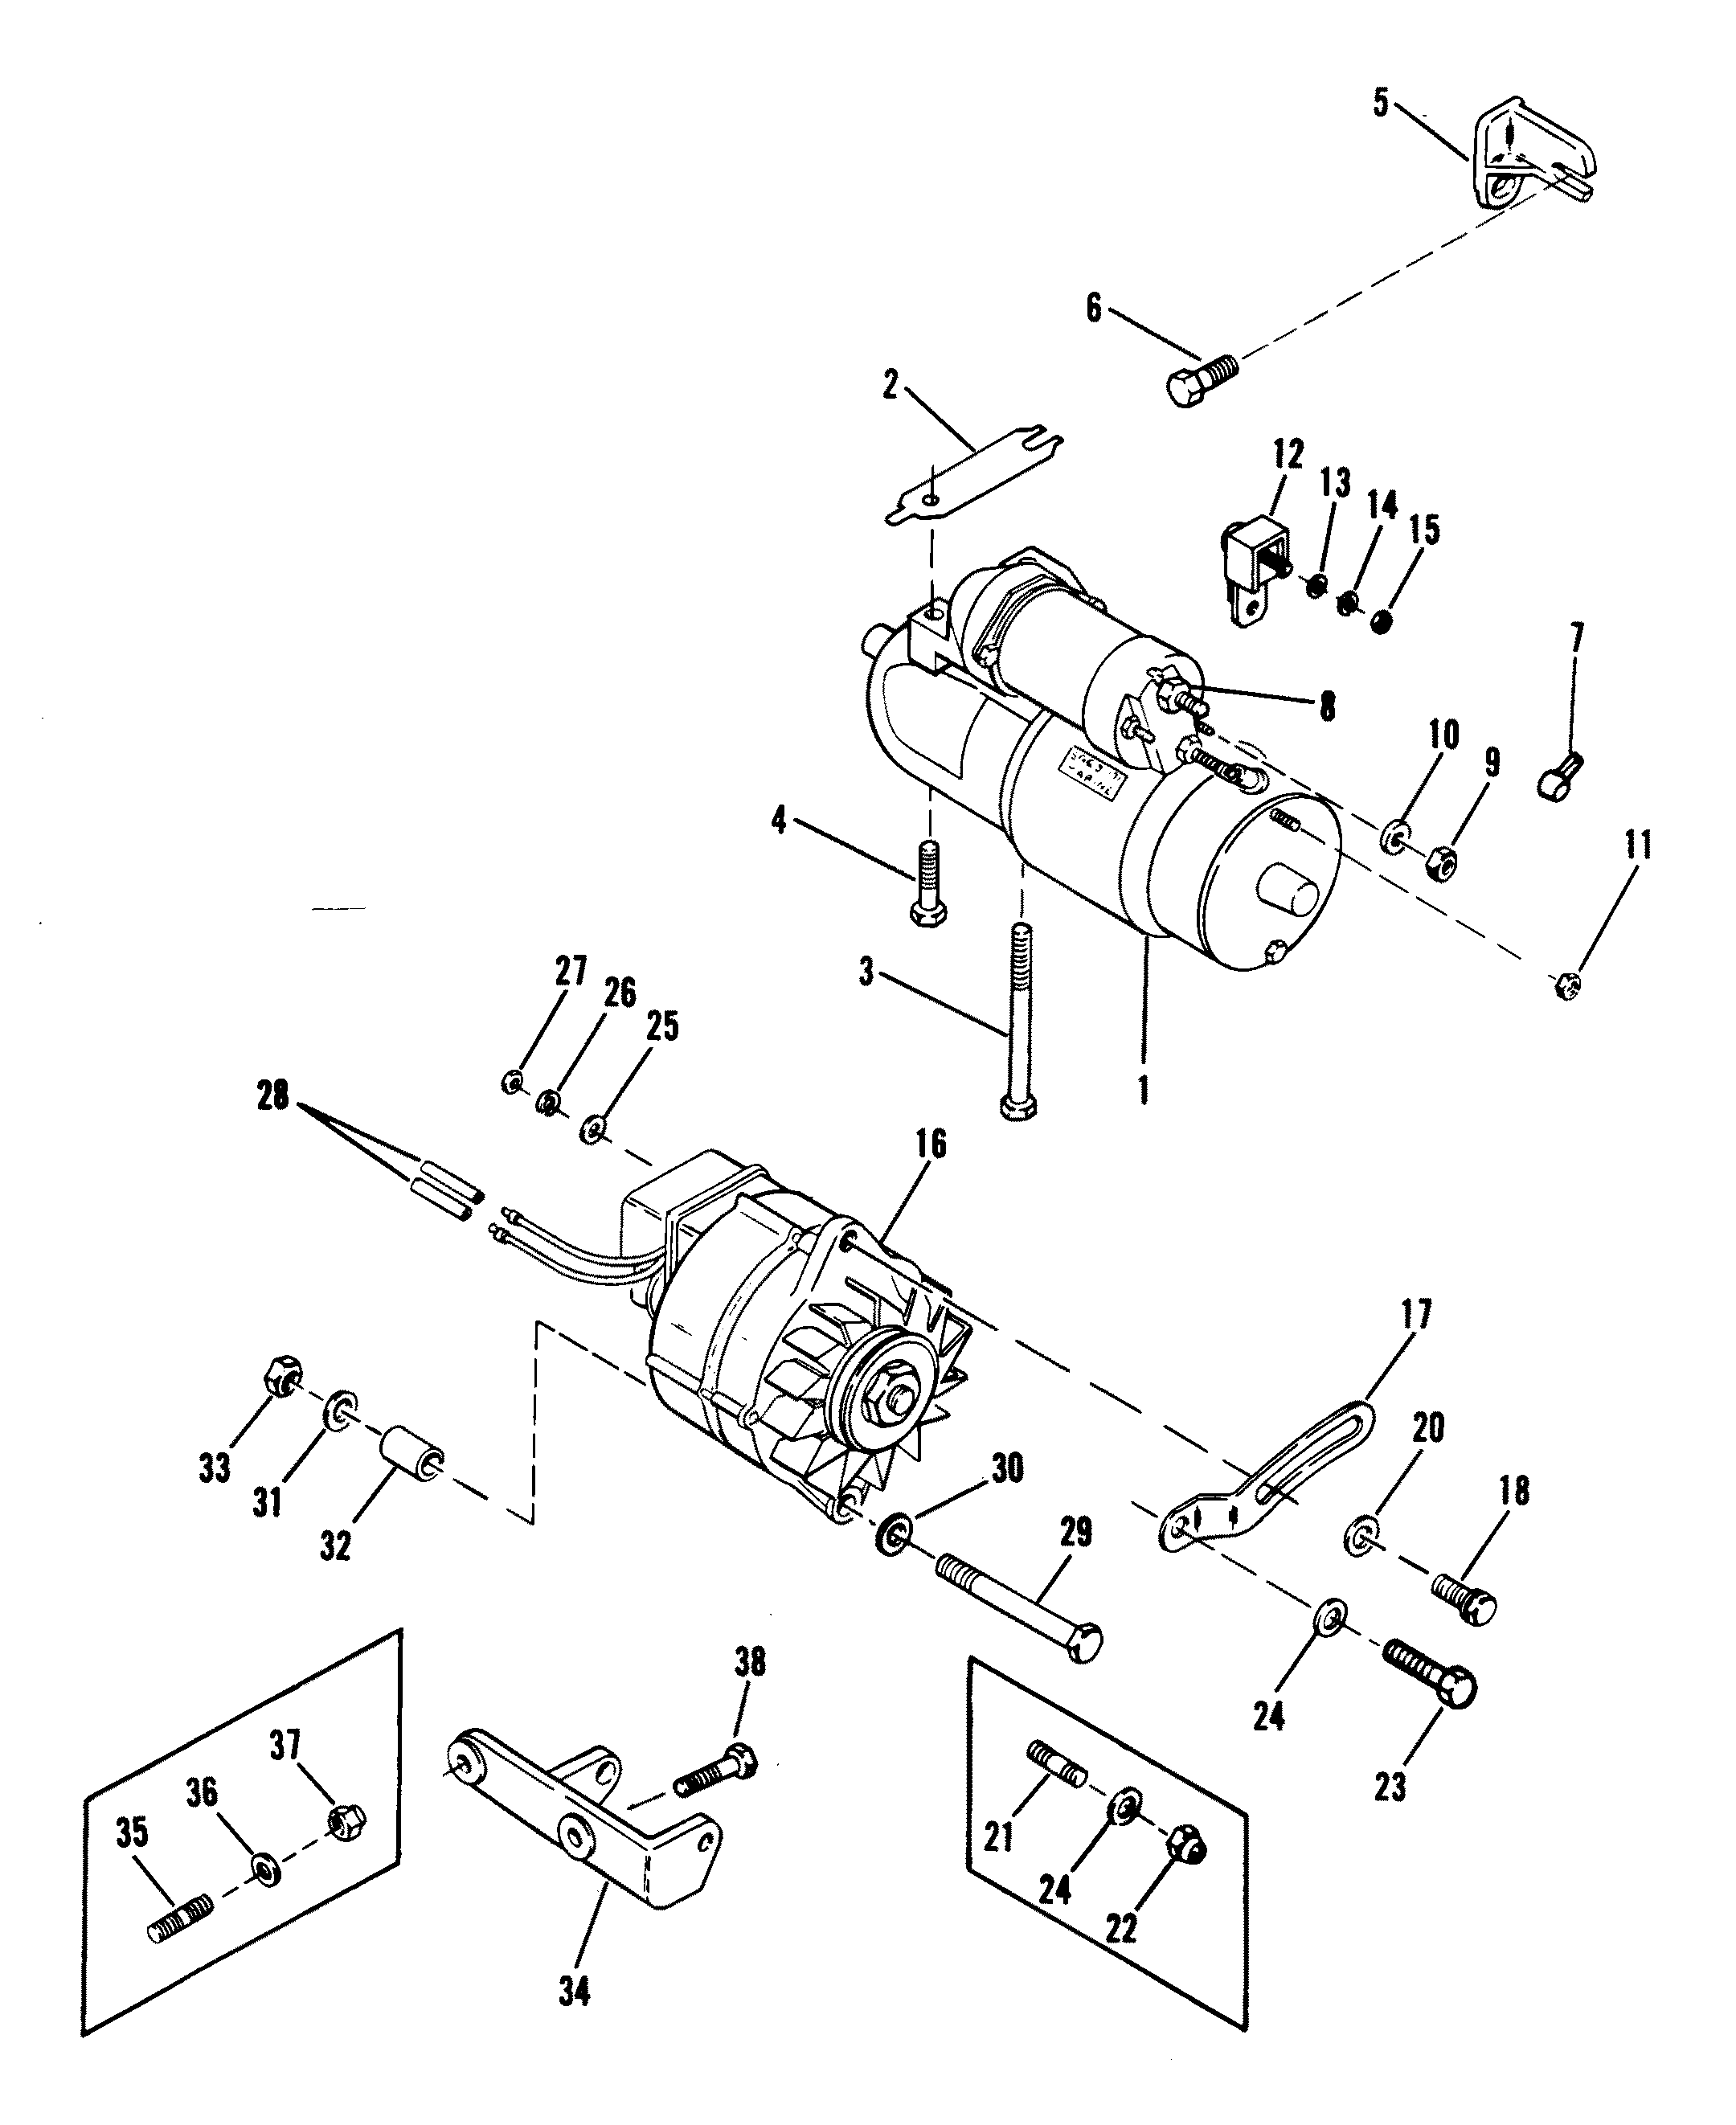 Starter Motor And Alternator For Mercruiser 120 H P 2